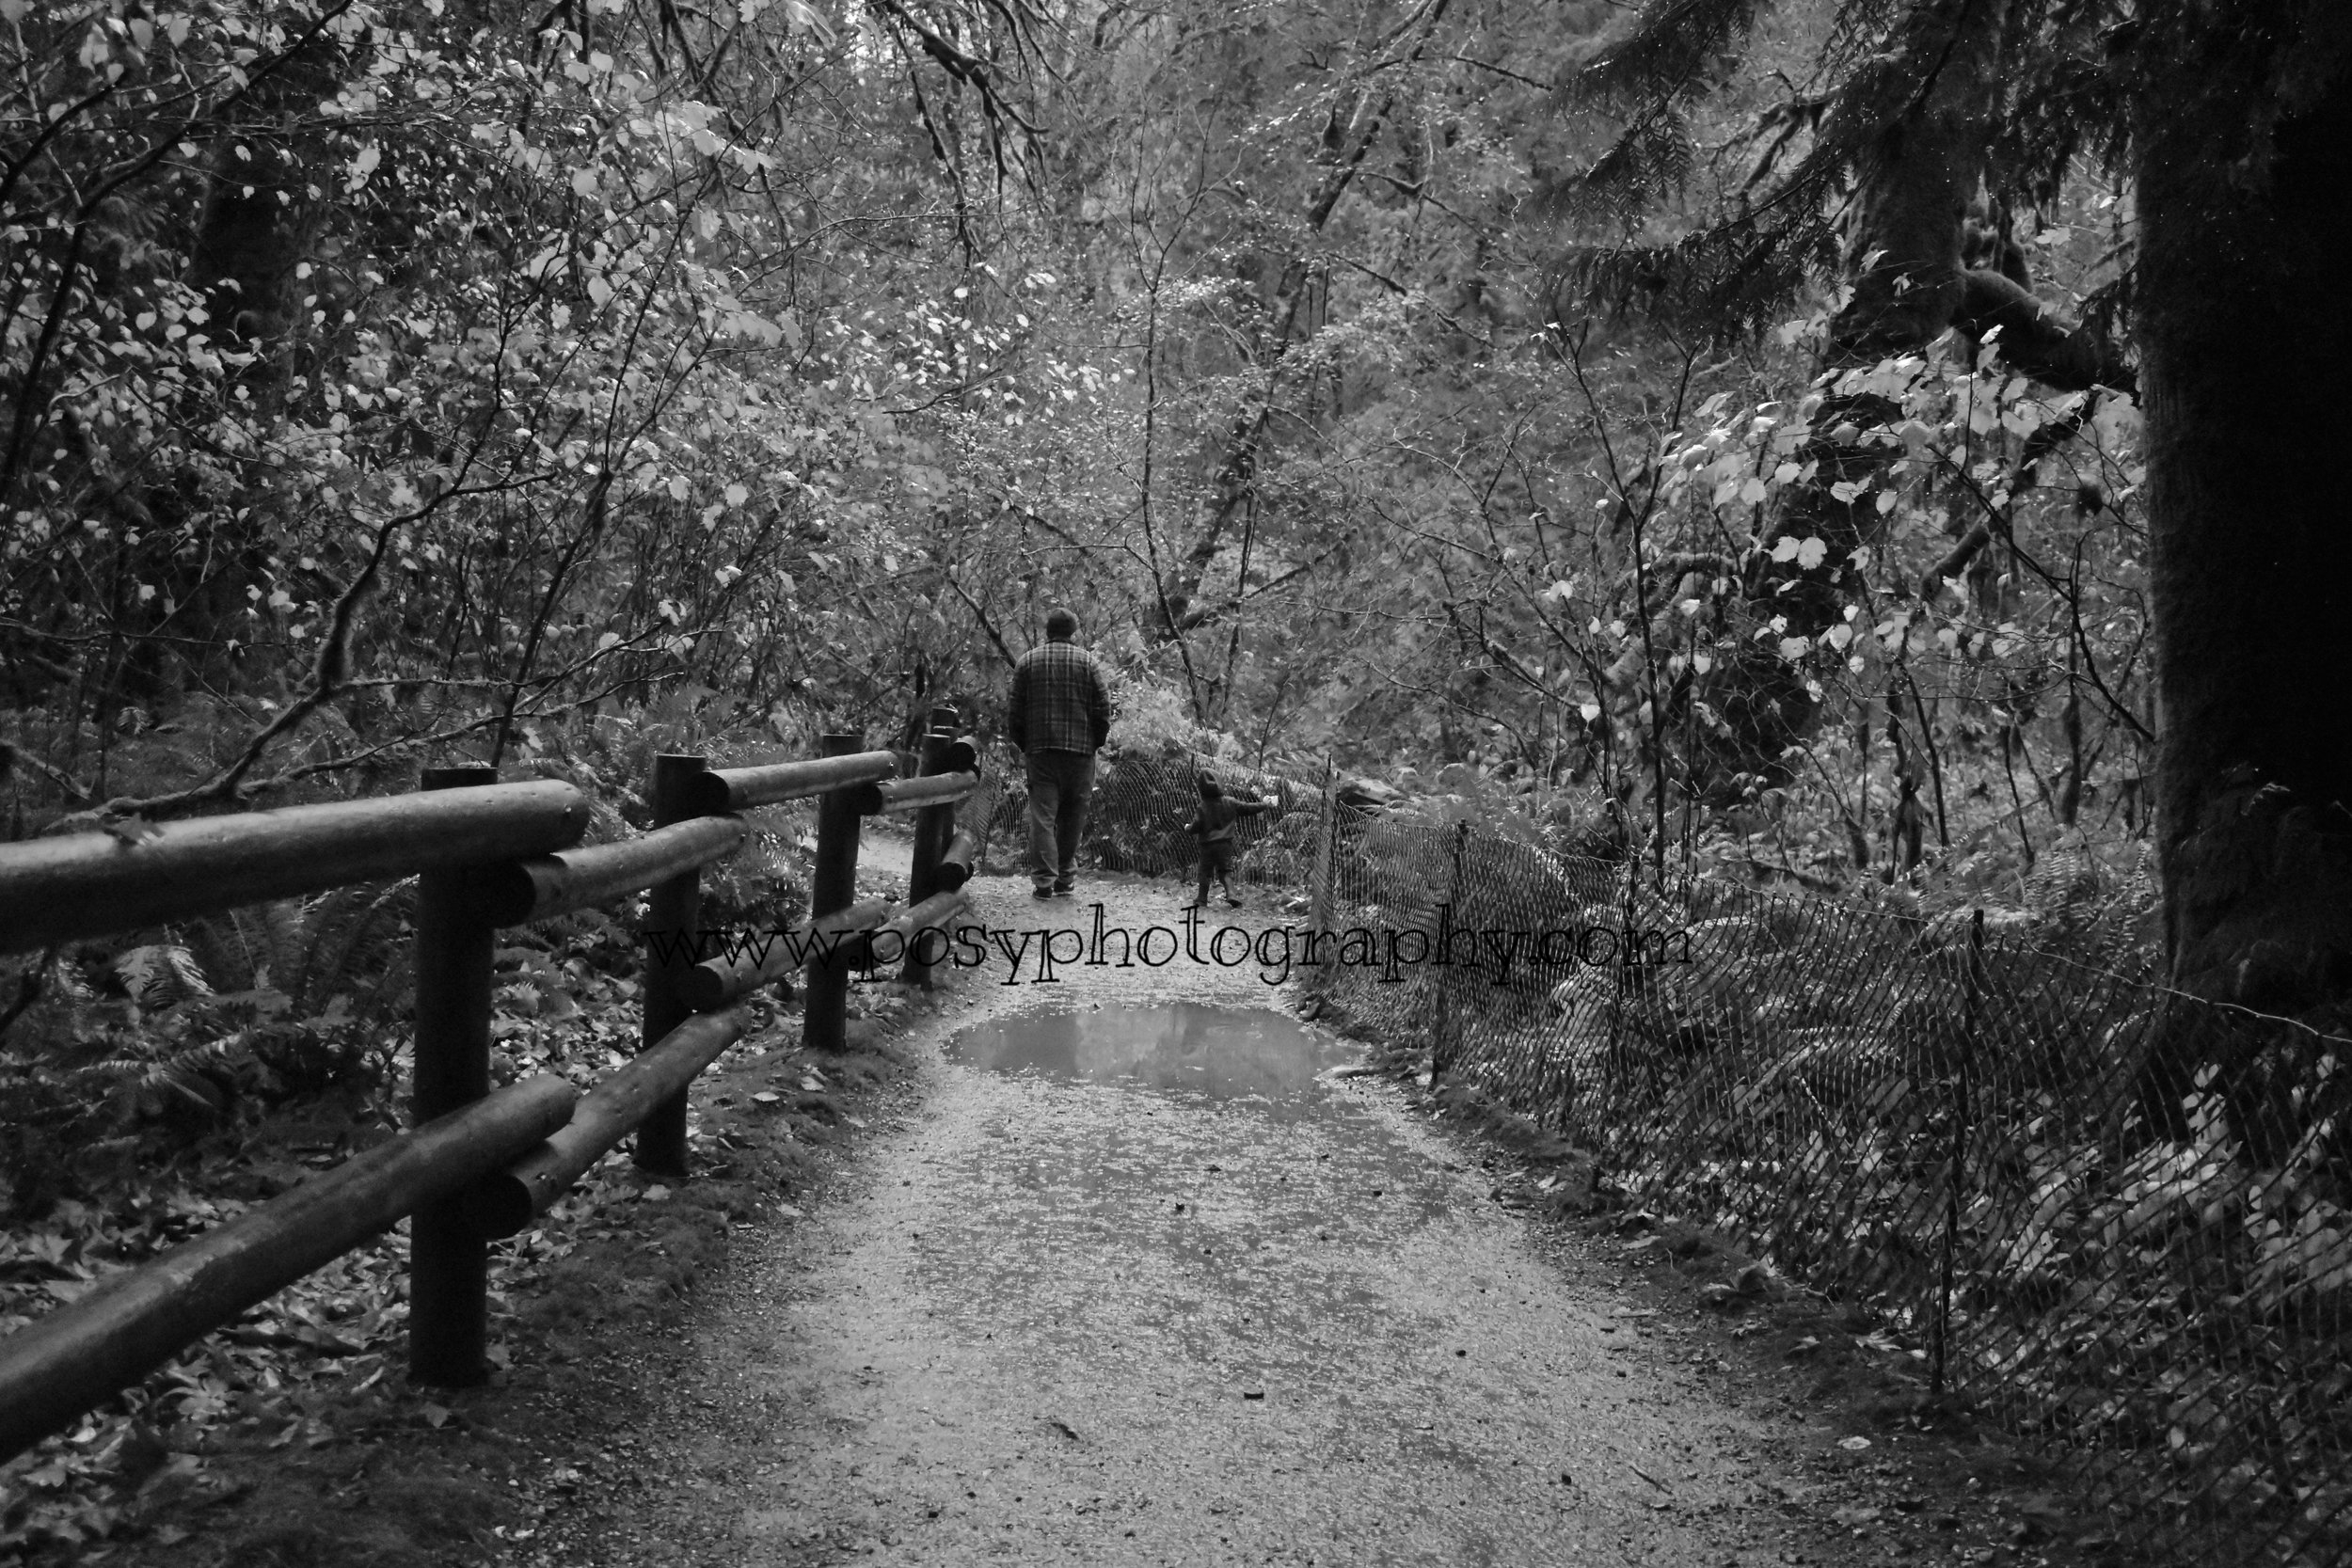 The Parent - Portrait of LOVE - Vancouver Island, BC